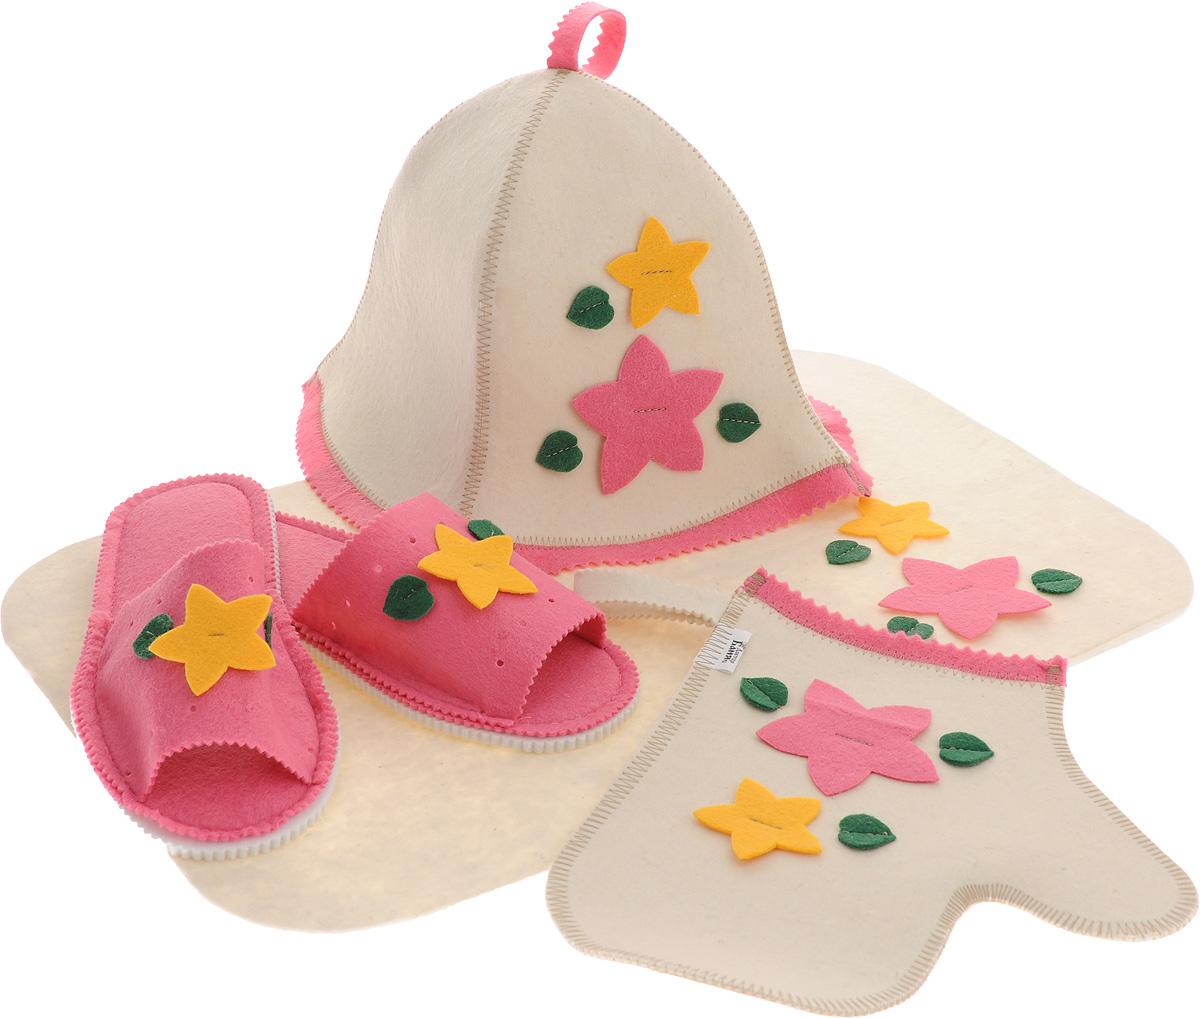 Набор для бани и сауны Доктор баня Букет, цвет: розовый, желтый, 4 предмета904710_розовые тапкиНабор для бани и сауны Доктор баня Букет, выполненный из фетра, привлечет внимание любителей модных тенденций в банной одежде. В набор входят все необходимые аксессуары, для того чтобы банный поход принес вам только радость. Набор состоит из коврика, шапки, рукавицы и тапочек. Шапка - незаменимая вещь в парной. Она необходима для того, чтобы не перегреть голову, также она должна хорошо впитывать влагу. Коврик убережет вас от горячей полки, защитит вас в общественной бане, а варежка обезопасит ваши руки от горячего пара или ручки ковша. Рукавицей можно также прекрасно помассировать тело. Тапочки сделают ваше пребывание в бане комфортным. Все предметы декорированы аппликацией в виде цветов и листьев. Диаметр основания шапки: 35 см. Высота шапки: 24 см. Размер рукавицы: 22,5 х 27 см. Размер коврика: 33 х 50 см. Длина тапок: 26 см. Наибольшая ширина тапок (по подошве): 10,5 см.